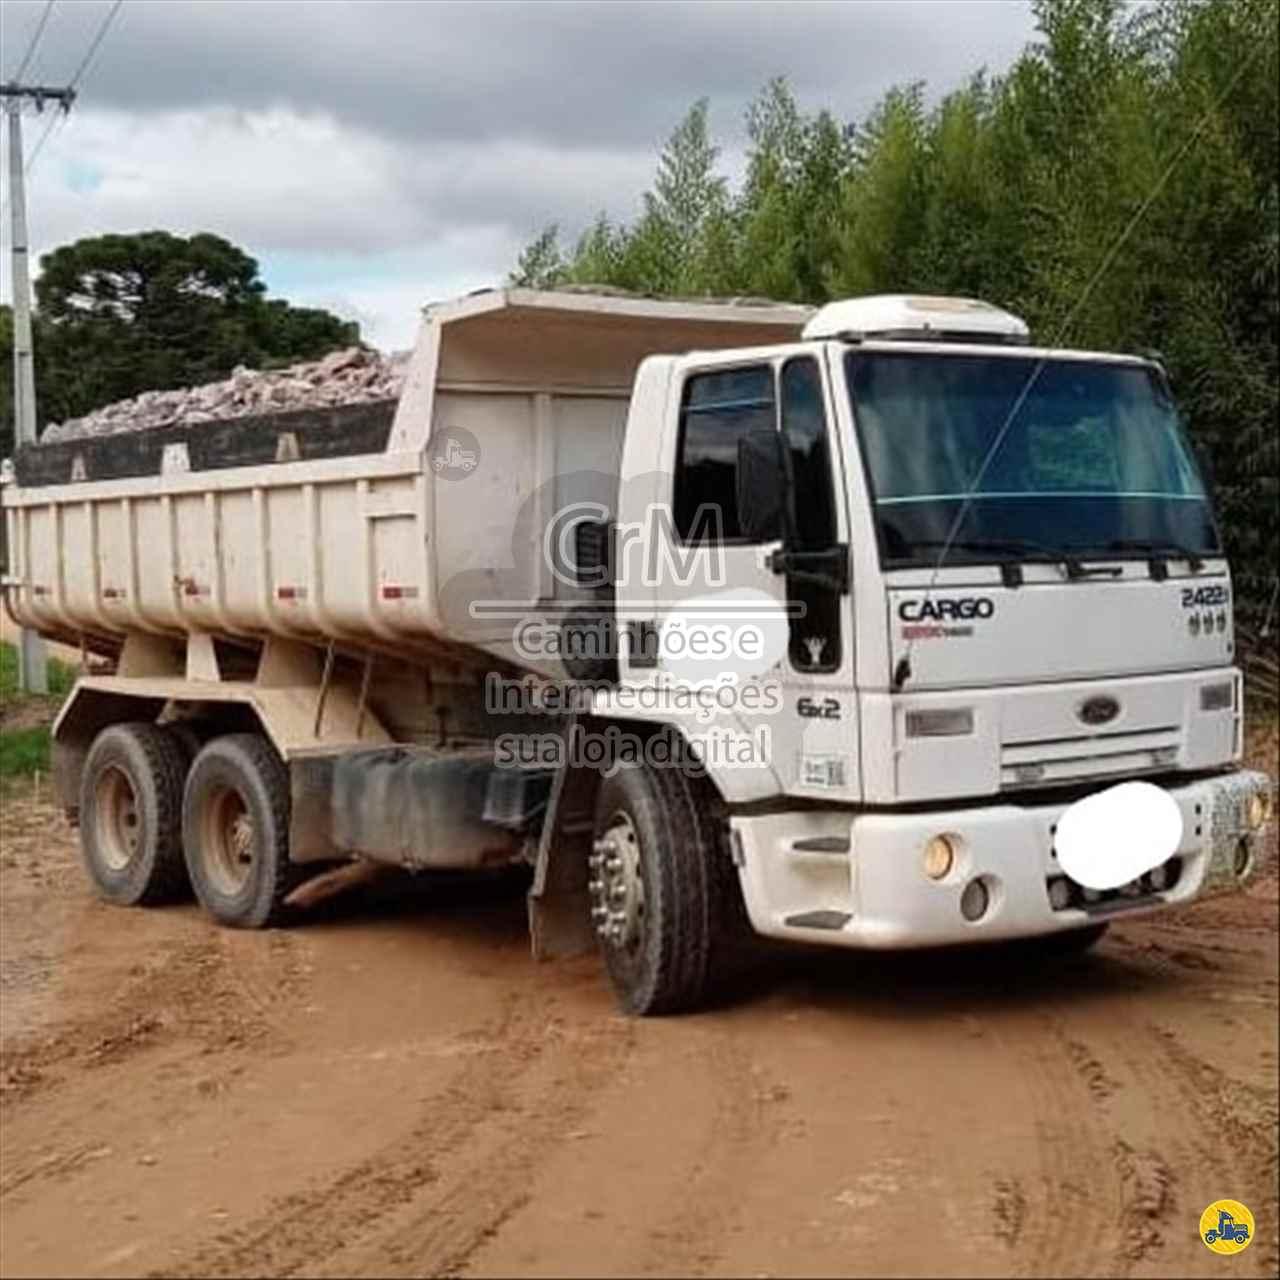 CAMINHAO FORD CARGO 2422 Caçamba Basculante Truck 6x2 CRM Caminhões Curitiba CAMPINA GRANDE DO SUL PARANÁ PR